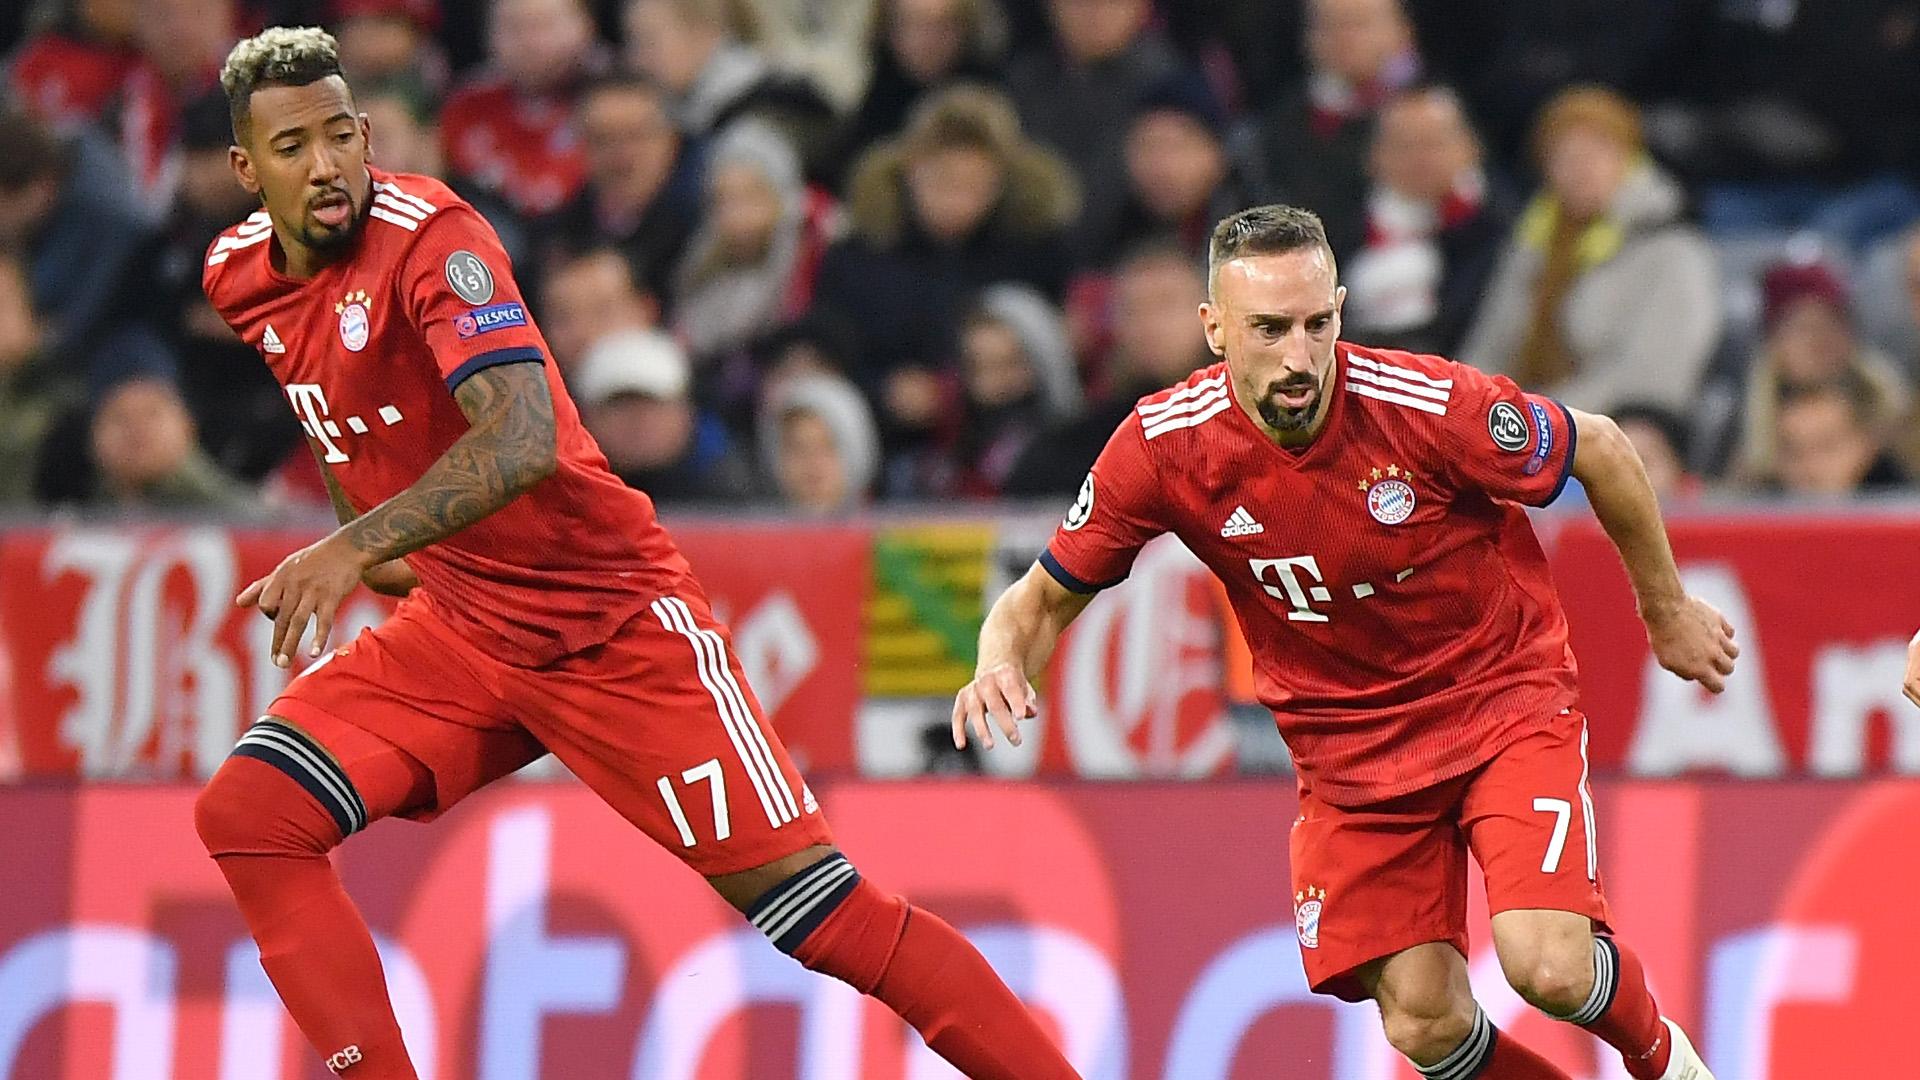 Bayern Fcb News Und Gerüchte Fcb Reist Ohne Boateng Und Ribery